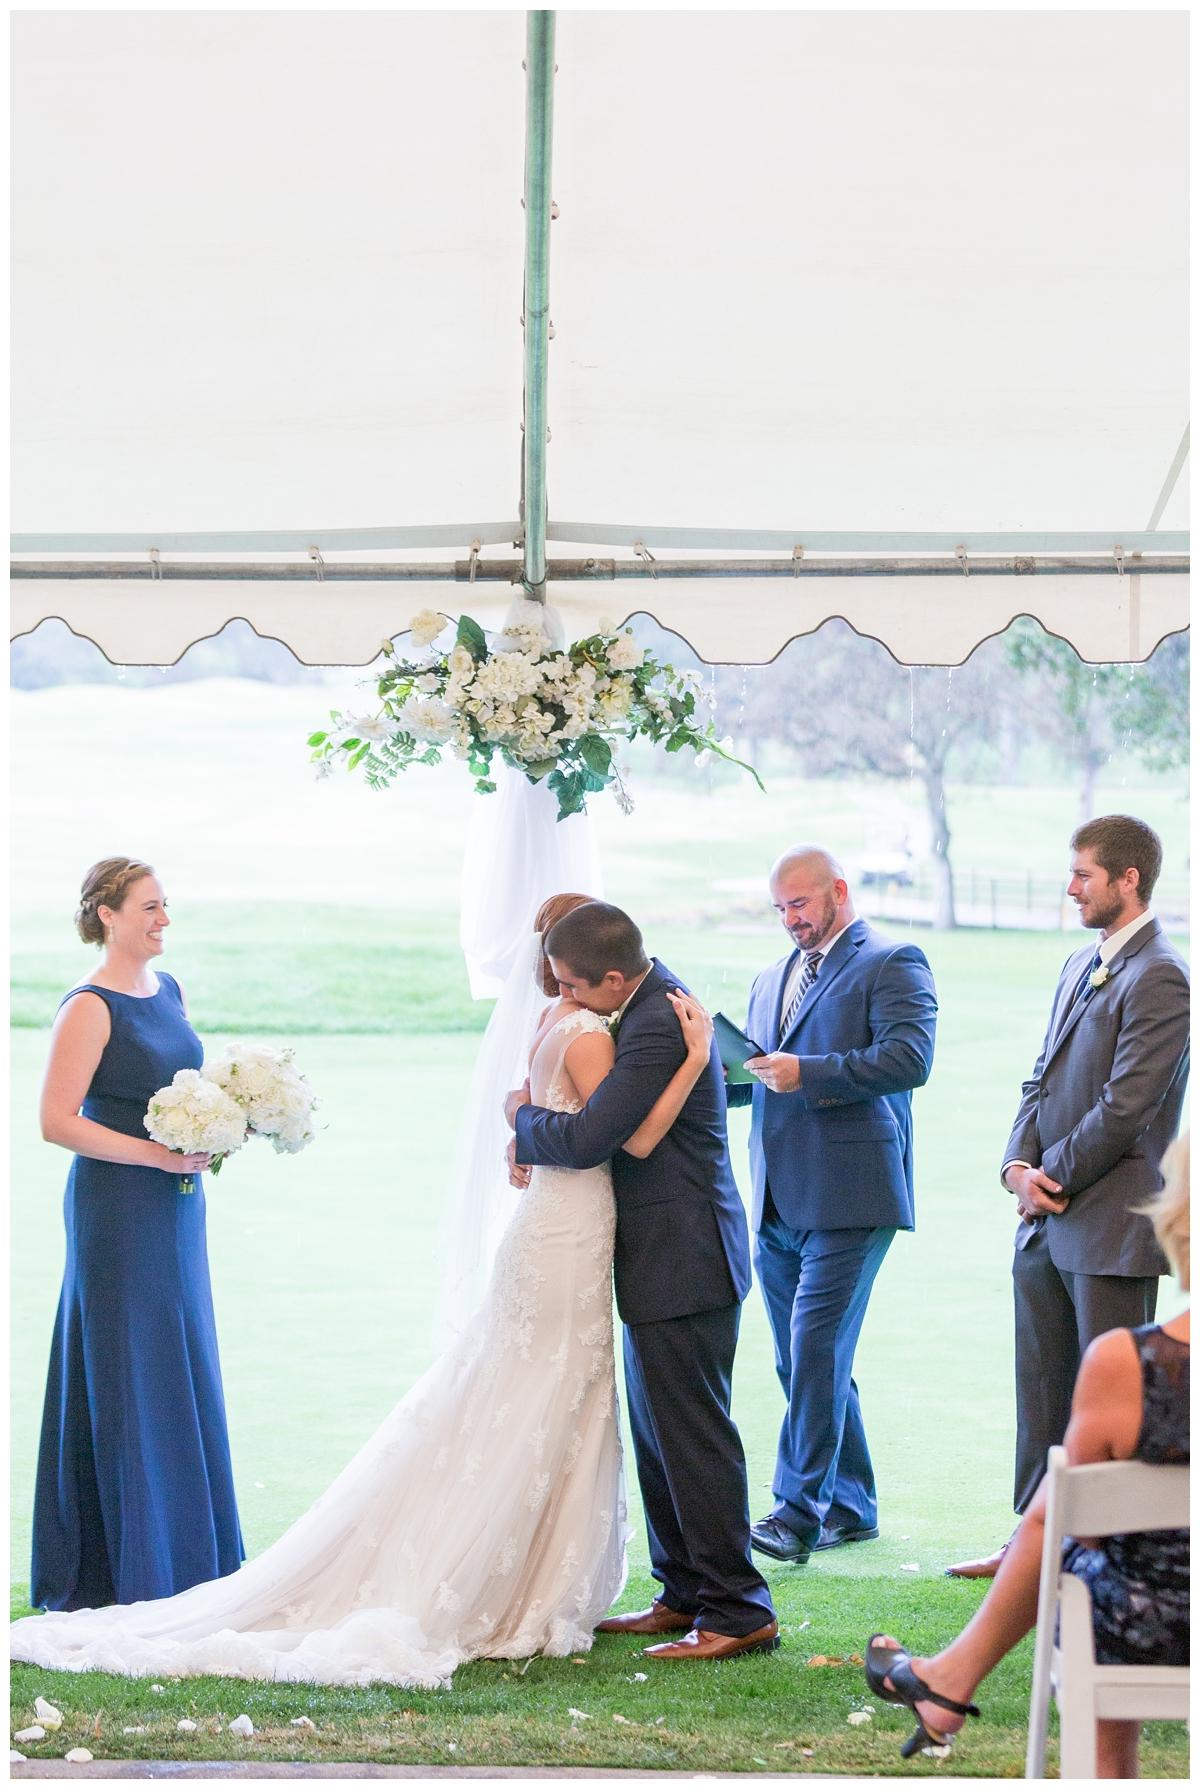 Canyon-Oaks-Country-Club-Wedding-Photos_2961.jpg